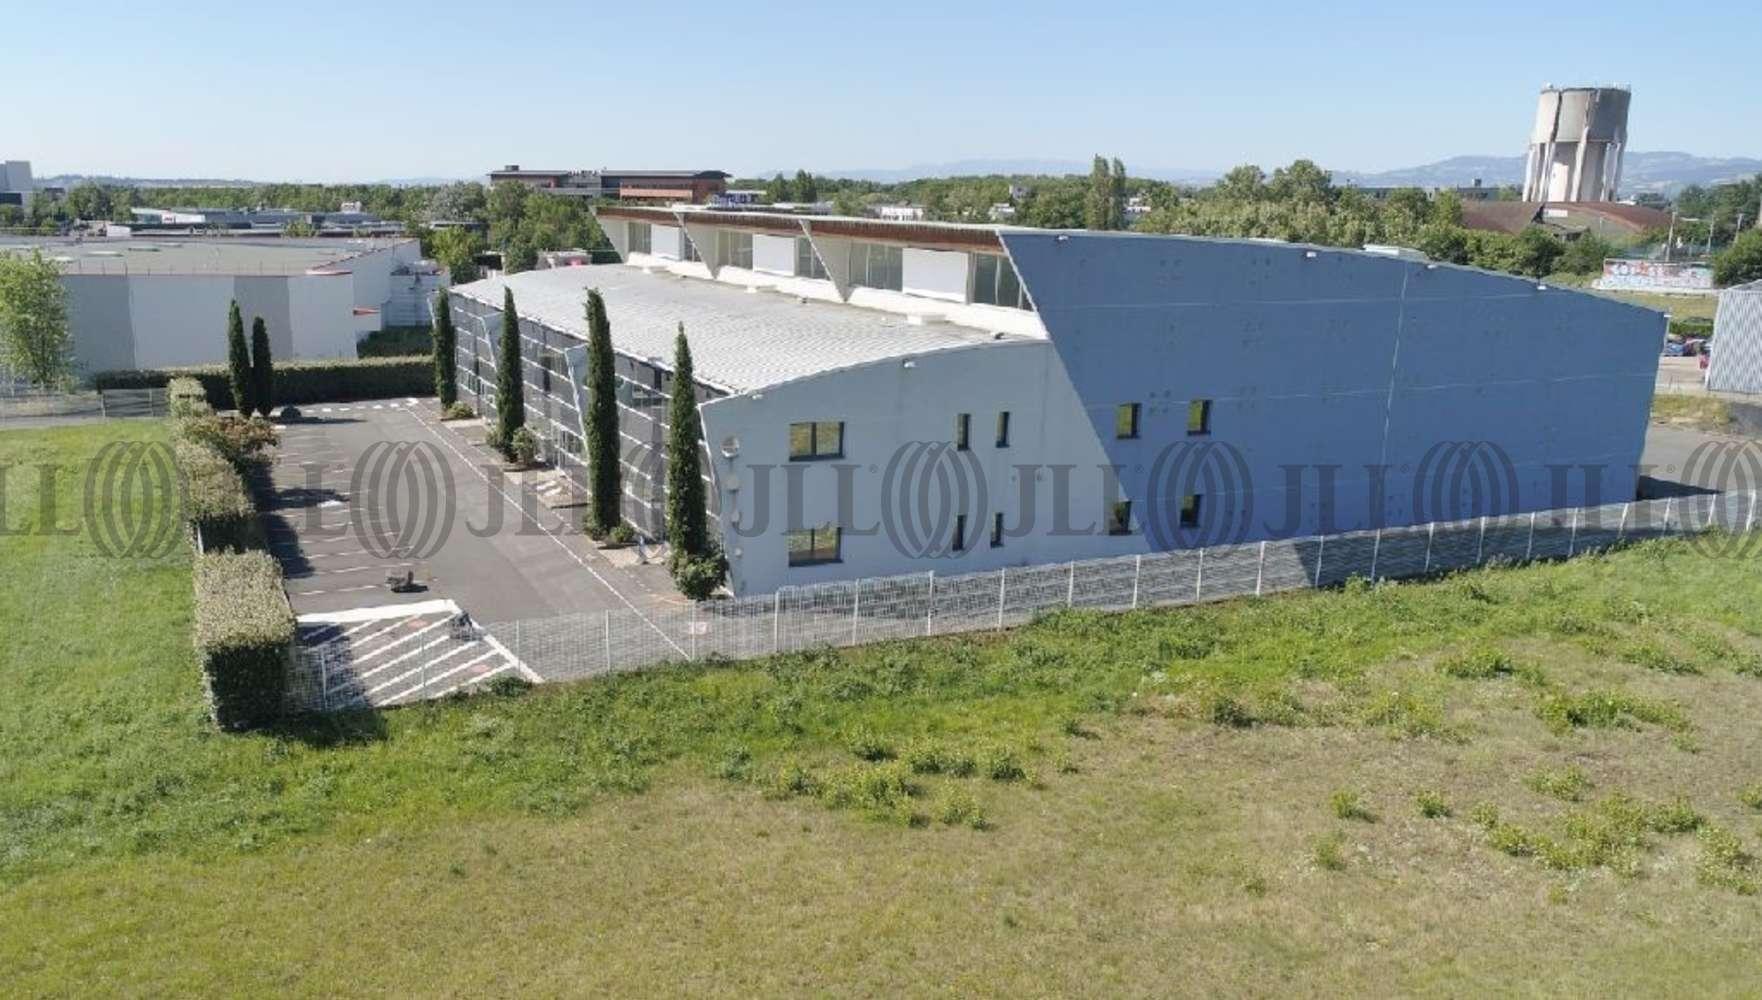 Activités/entrepôt Limonest, 69760 - GVIO / PARC LIMONEST